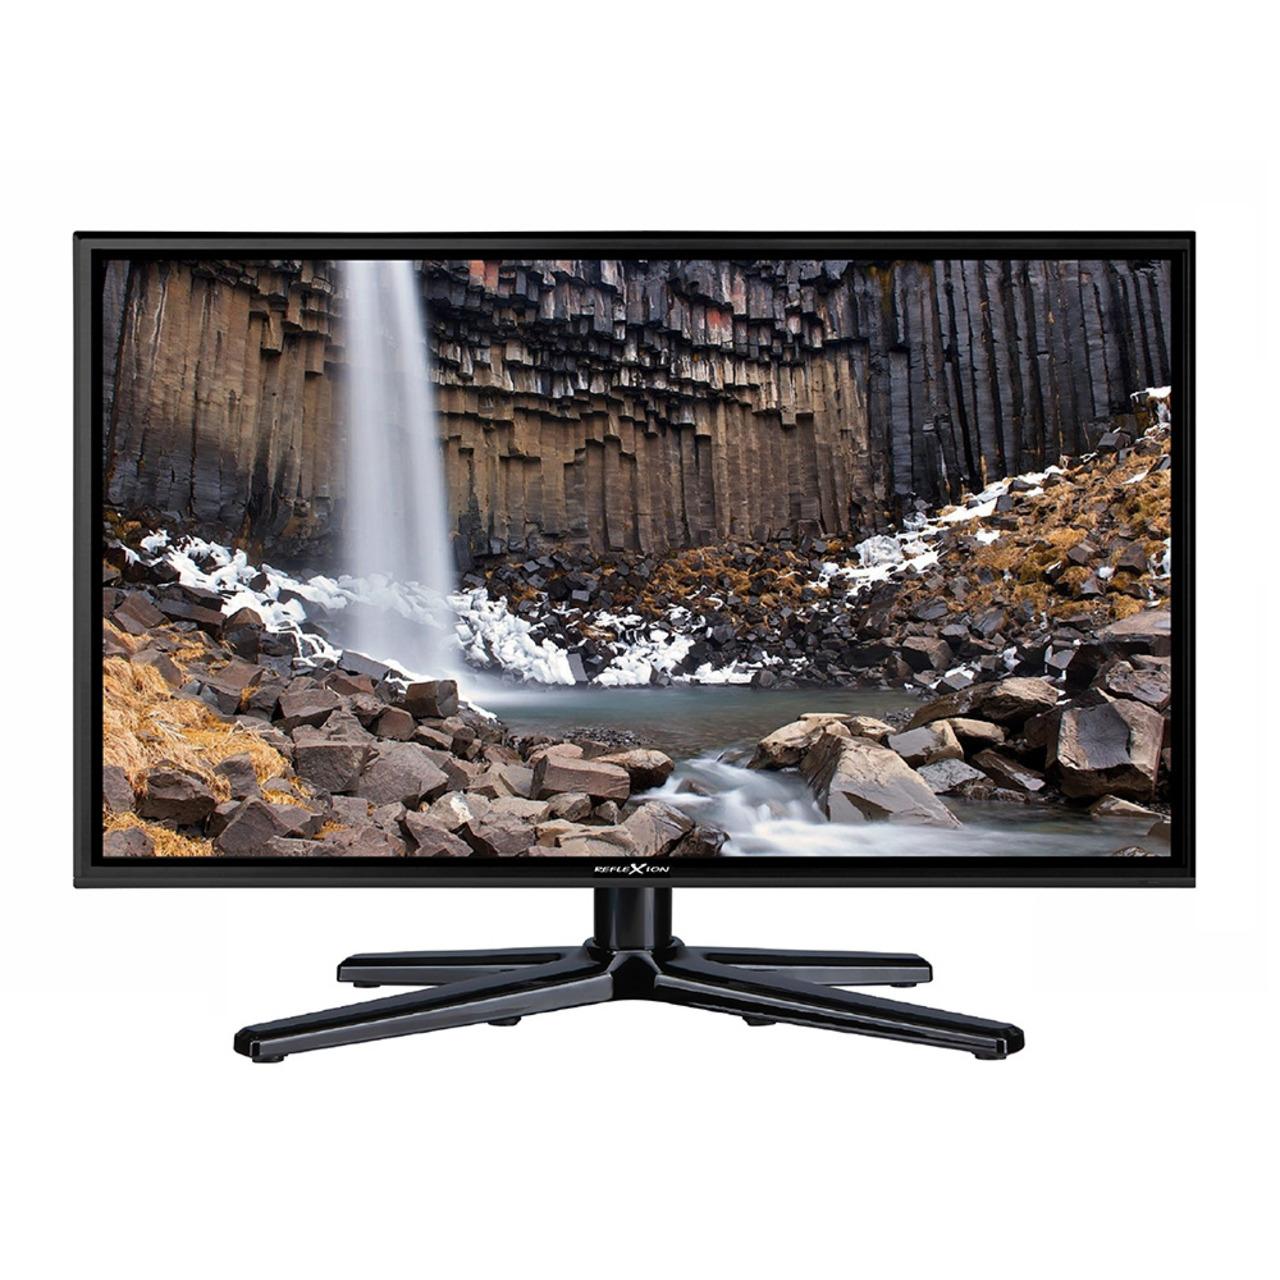 Reflexion 4-in-1-LED-TV LEDW24- 60 cm (23-6)- DVB-S-S2-C-T-T2- H-265-HEVC- 1080p- 12-V-Anschluss